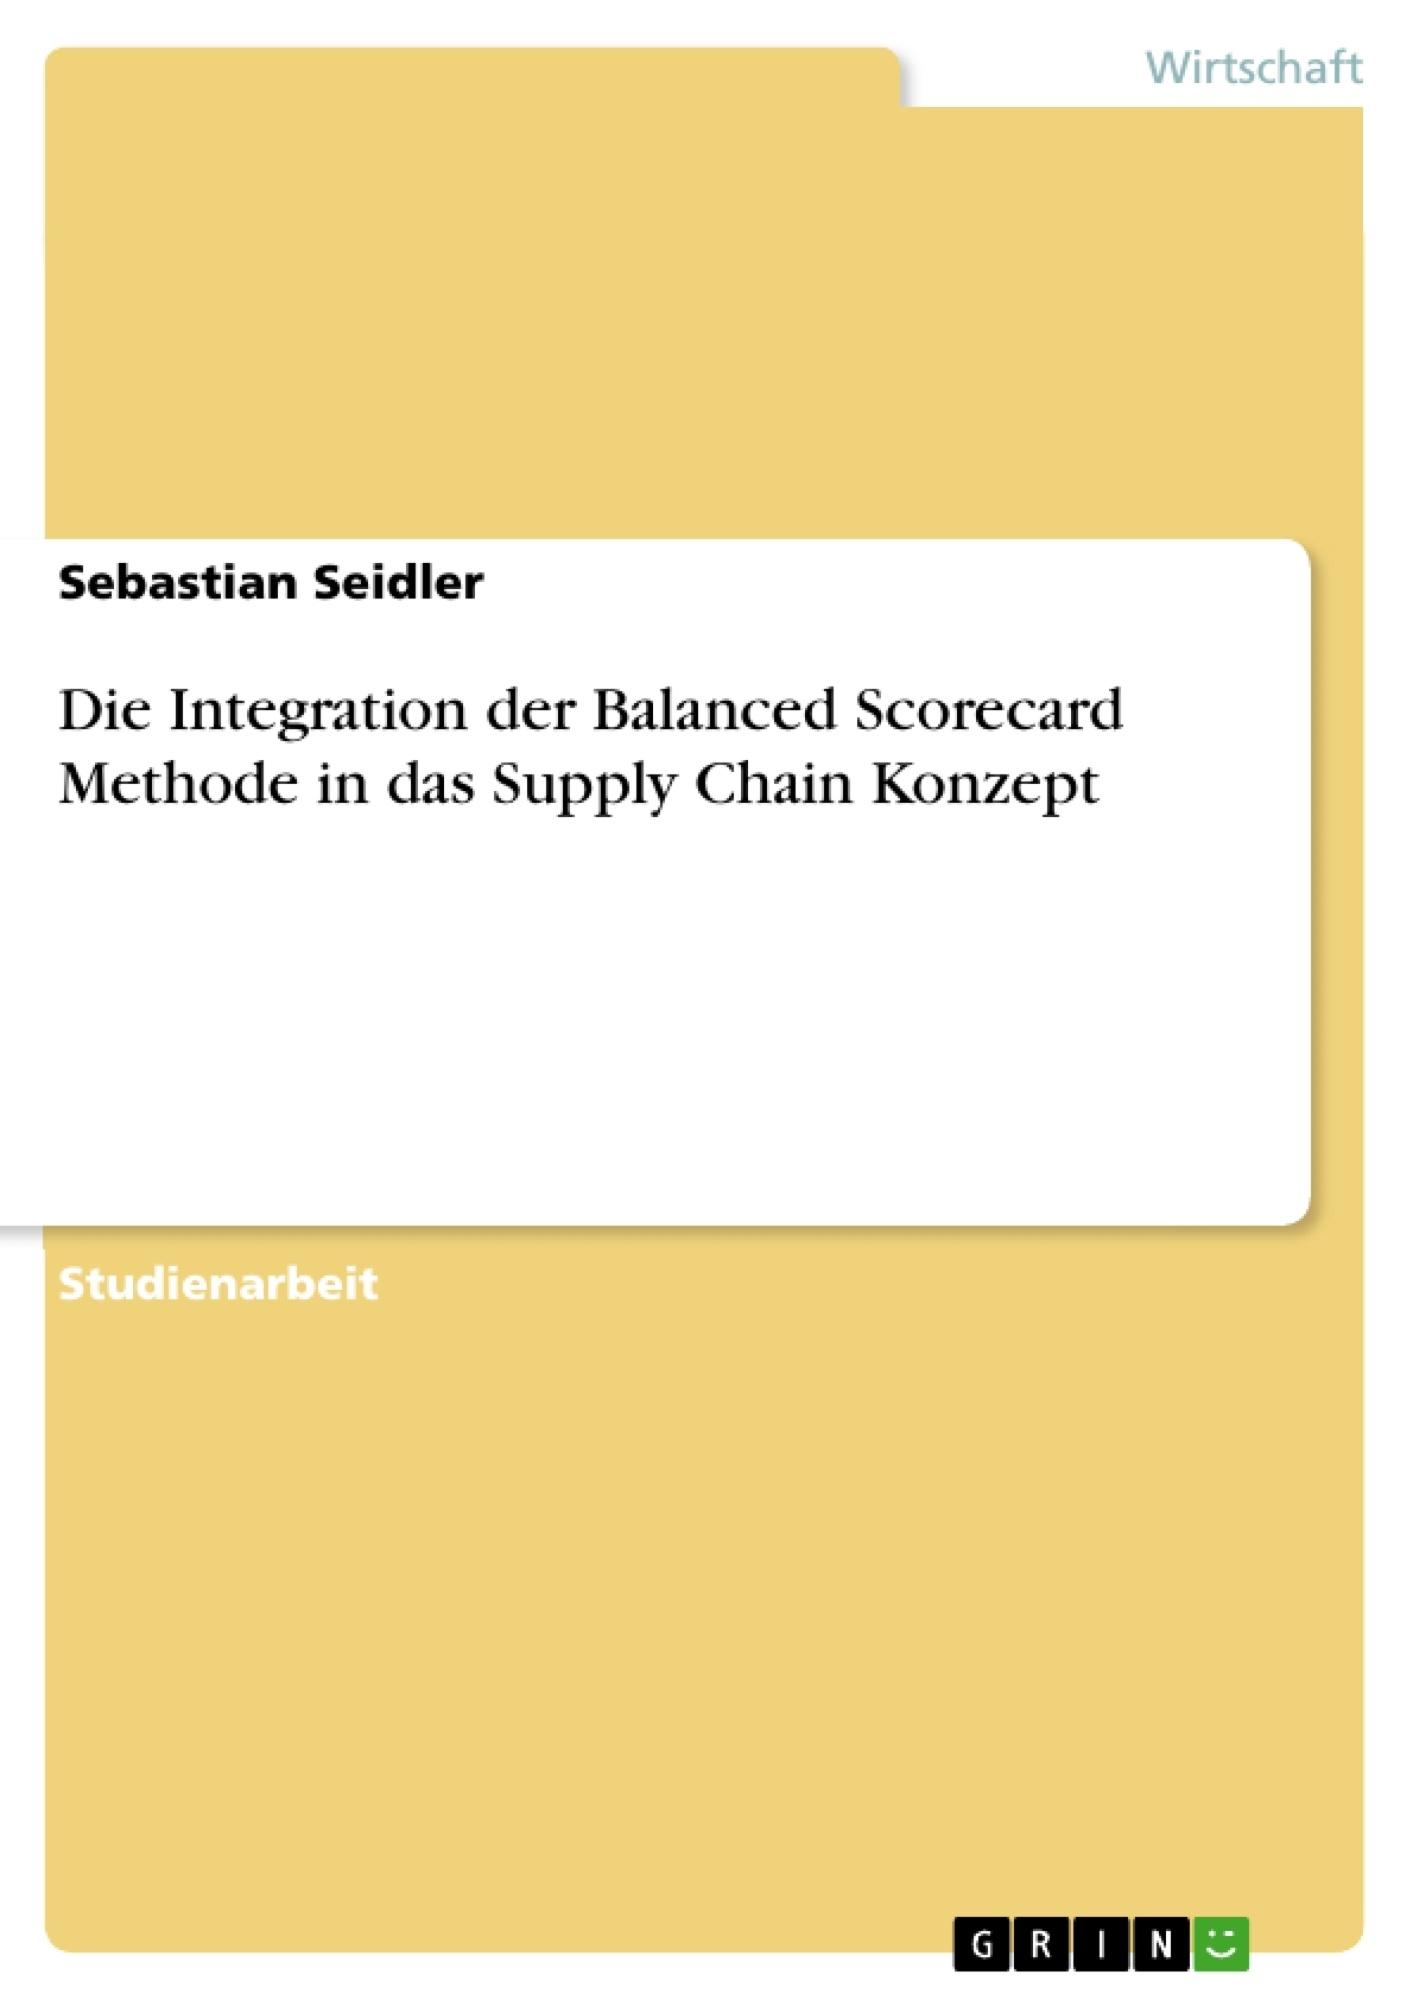 Titel: Die Integration der Balanced Scorecard Methode in das Supply Chain Konzept